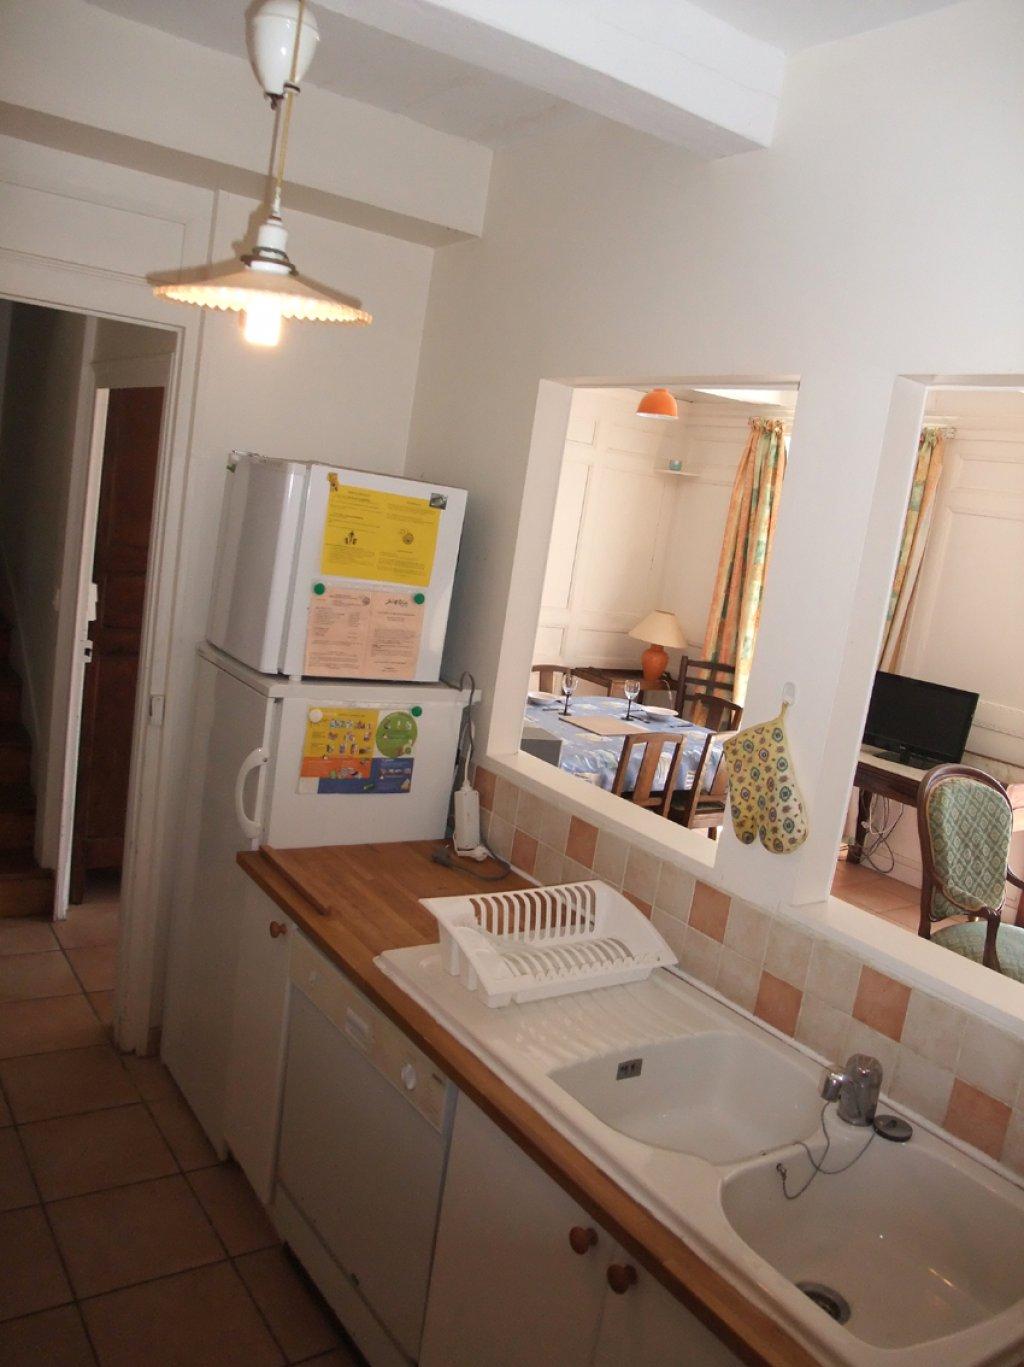 Passe plats pour cuisine location vacances maison campan - Passe plat cuisine salon ...